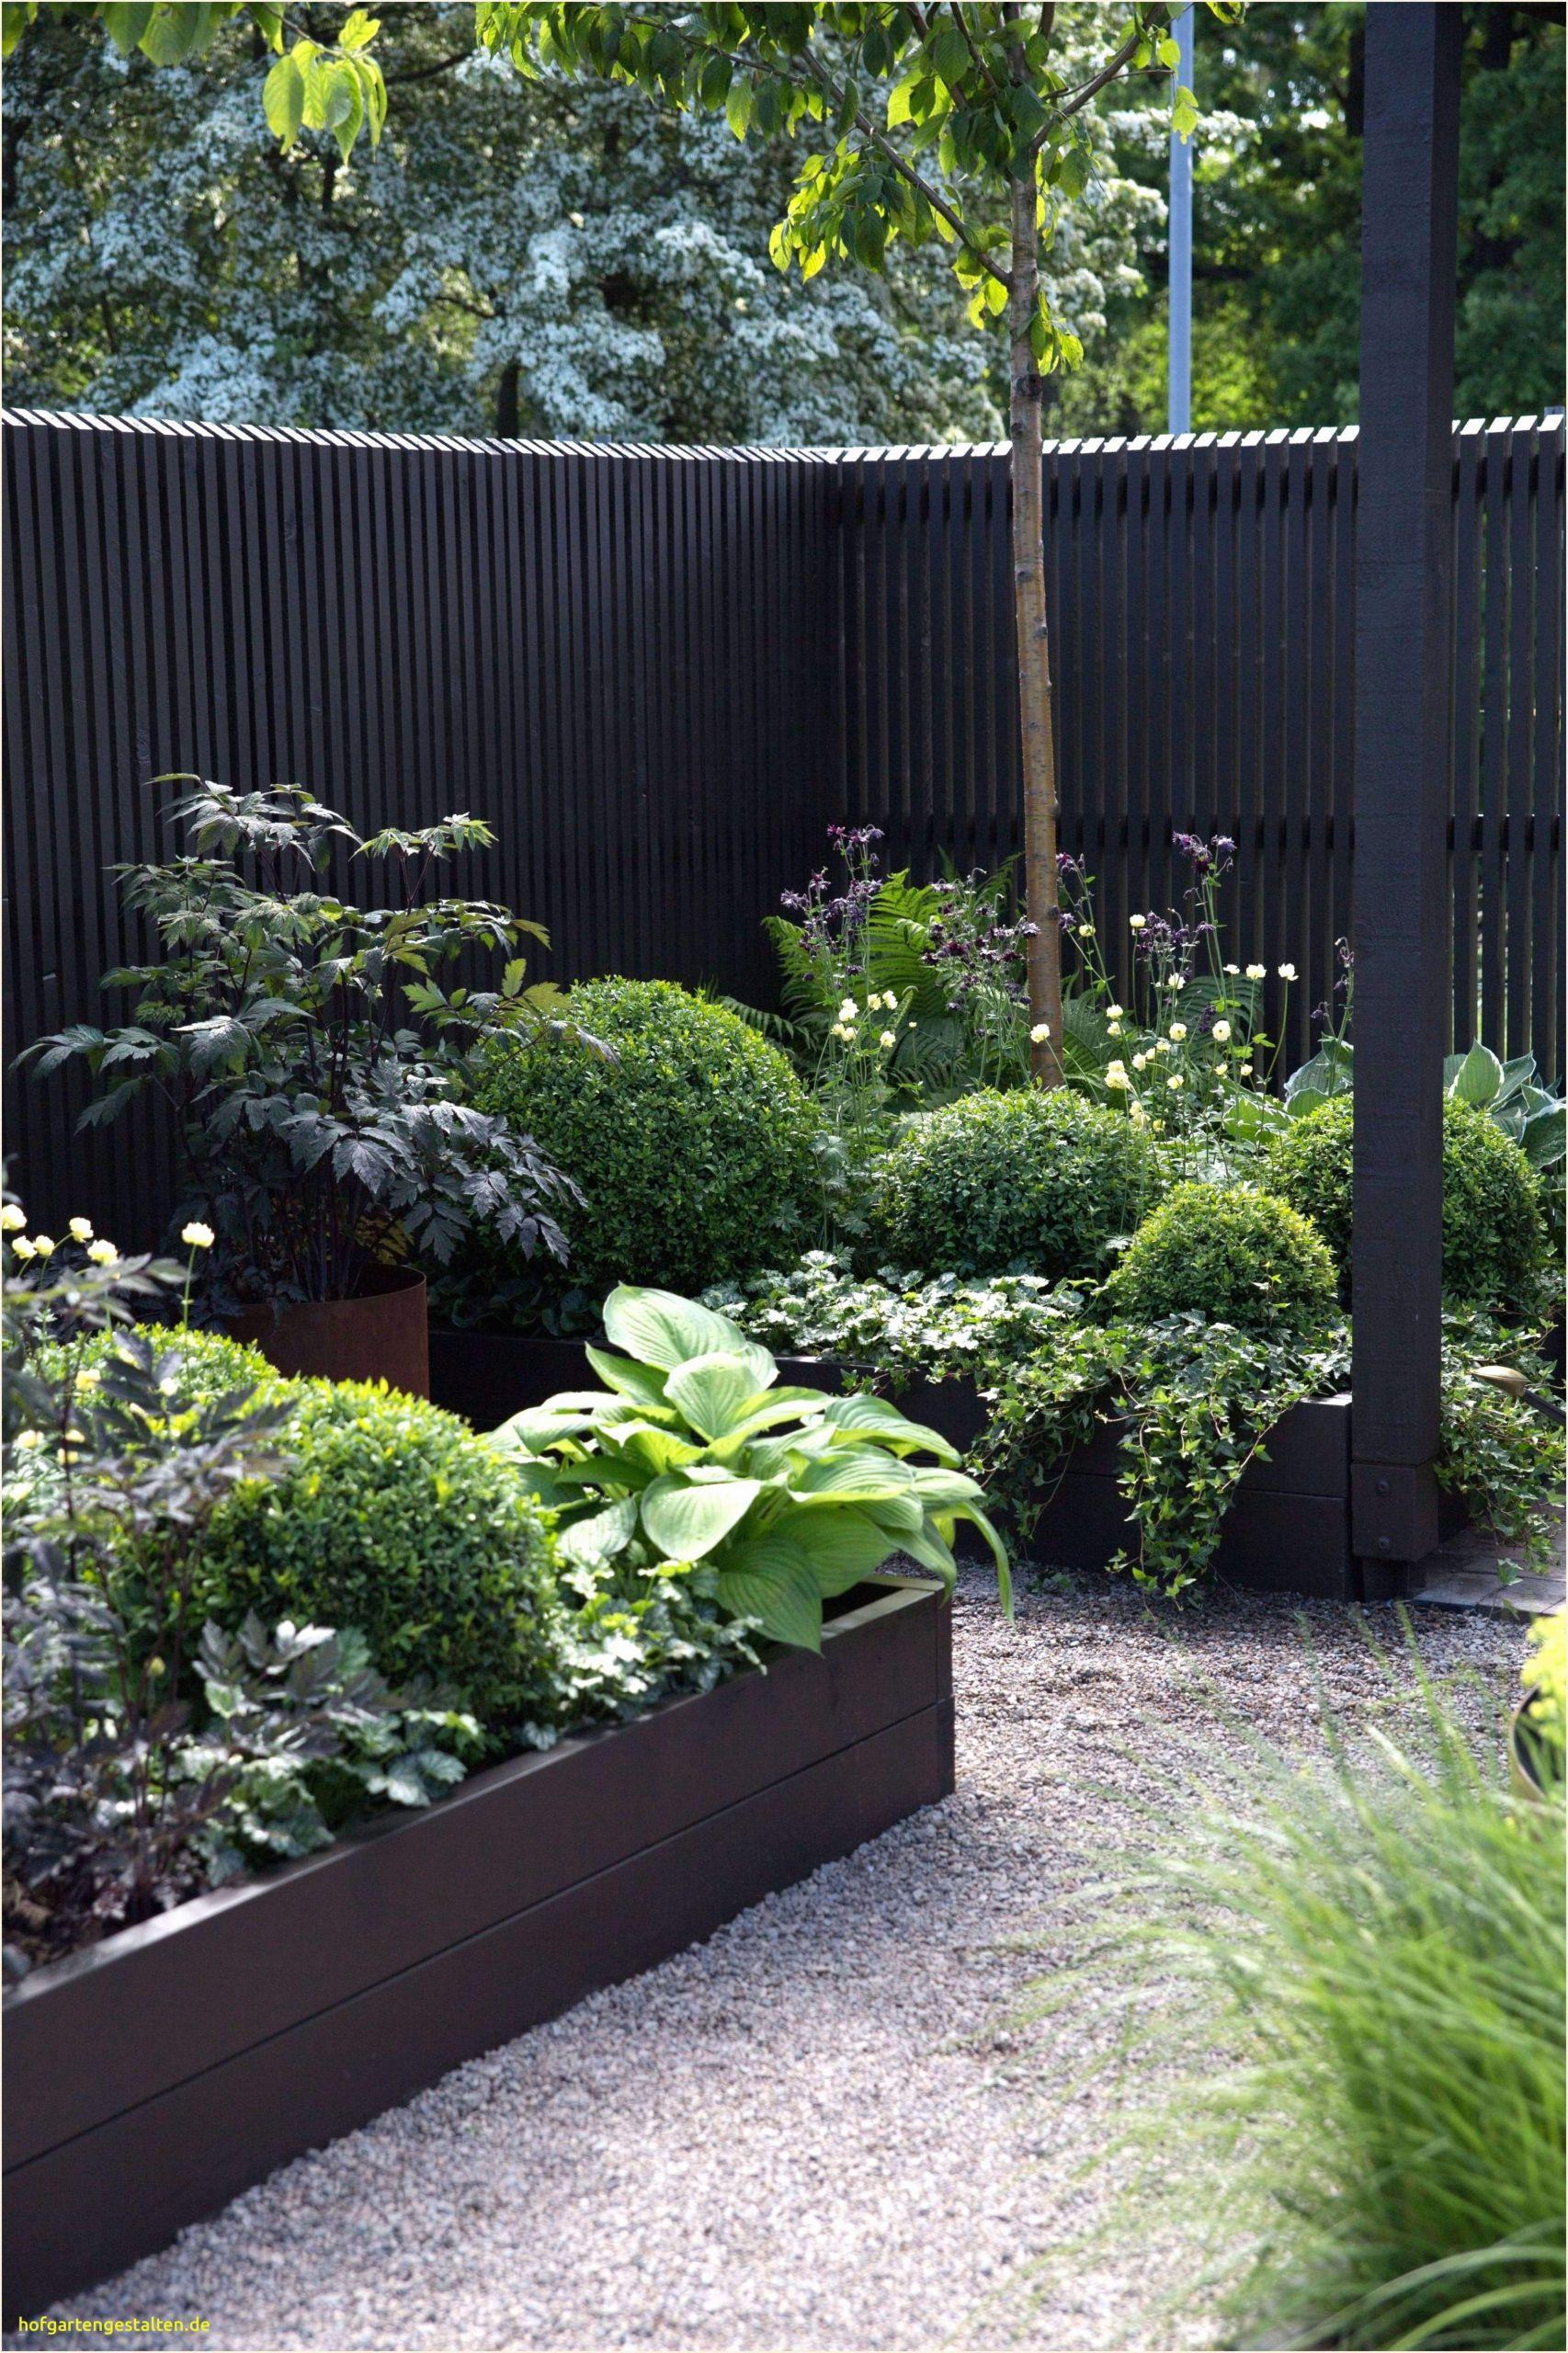 Diy Garten Luxus Vertikaler Garten Diy — Temobardz Home Blog